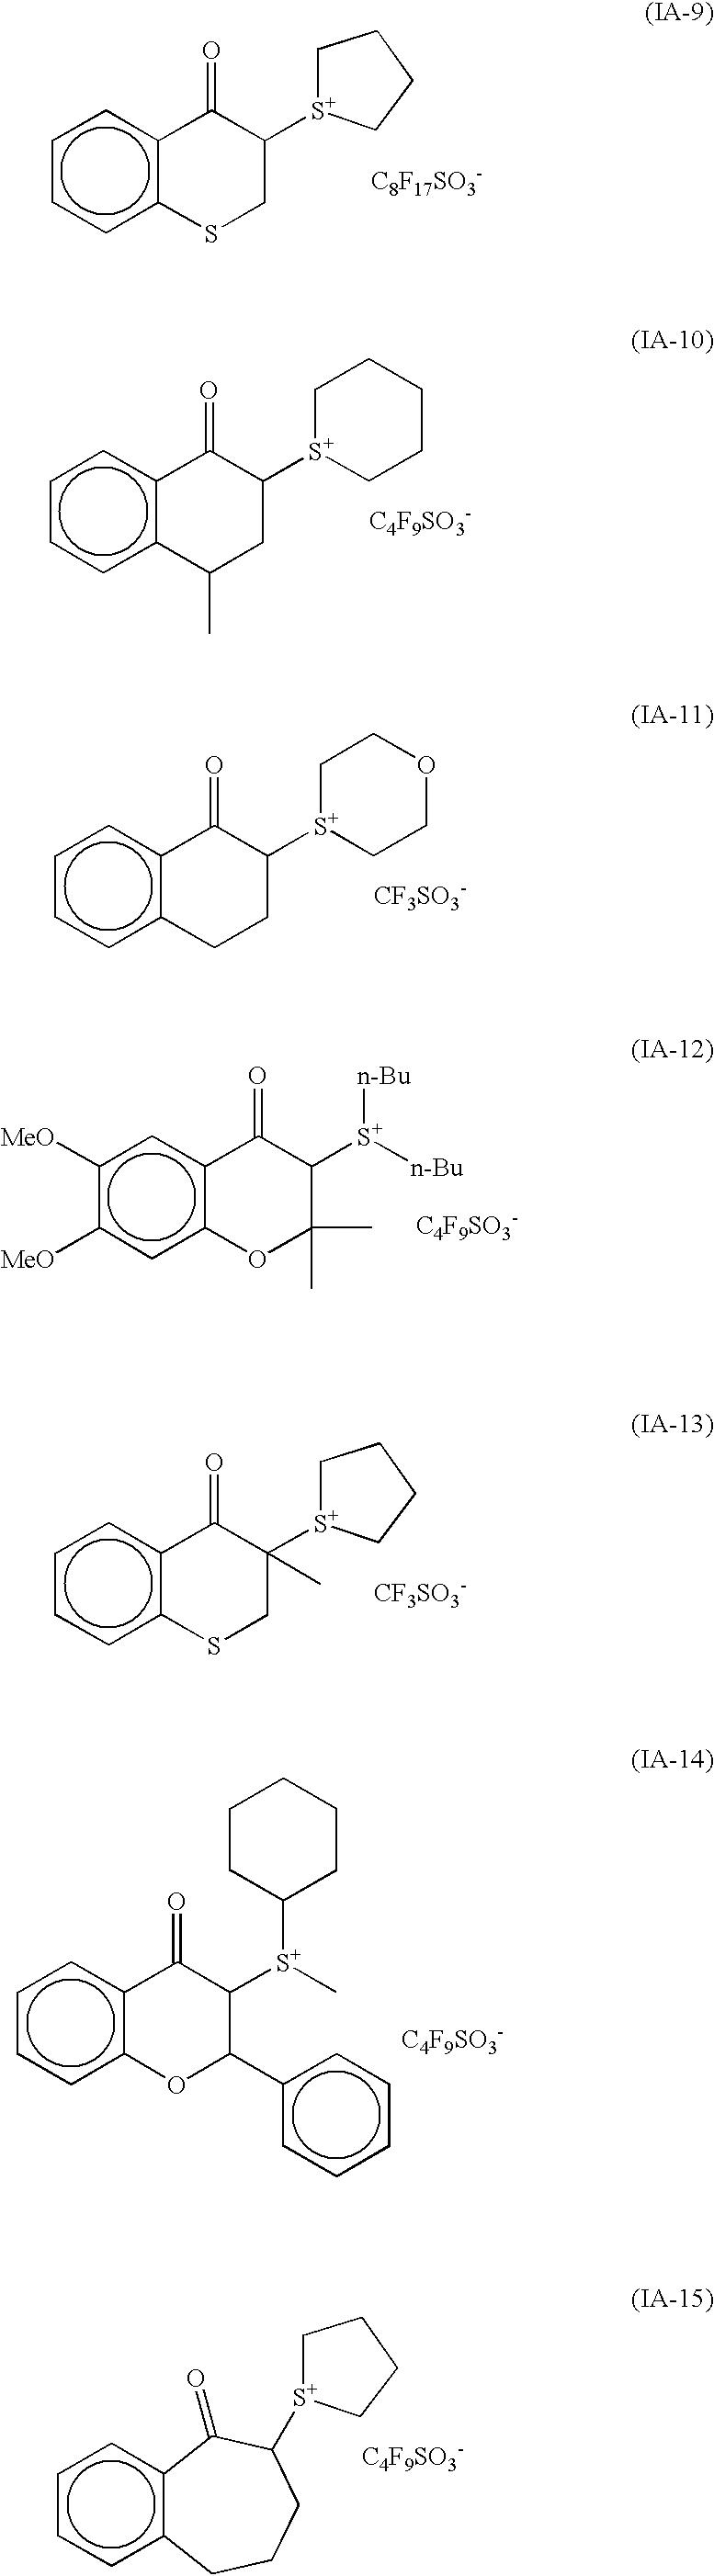 Figure US20030186161A1-20031002-C00021